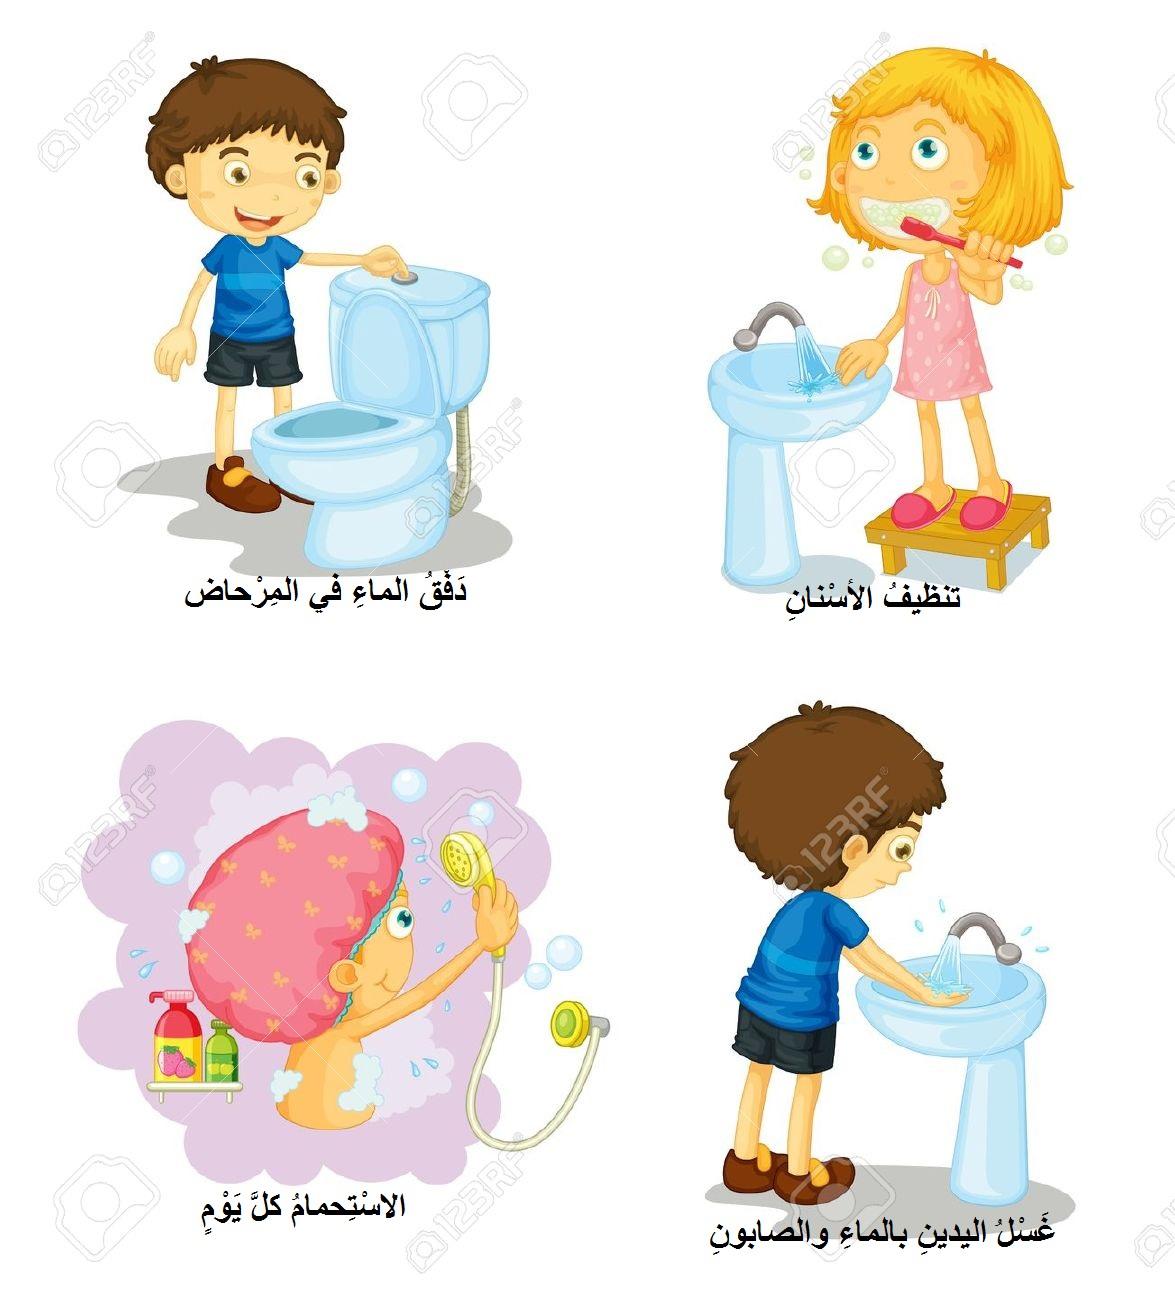 صور عبارات عن النظافة الشخصية , اقوال عن فائده النظافه الشخصية